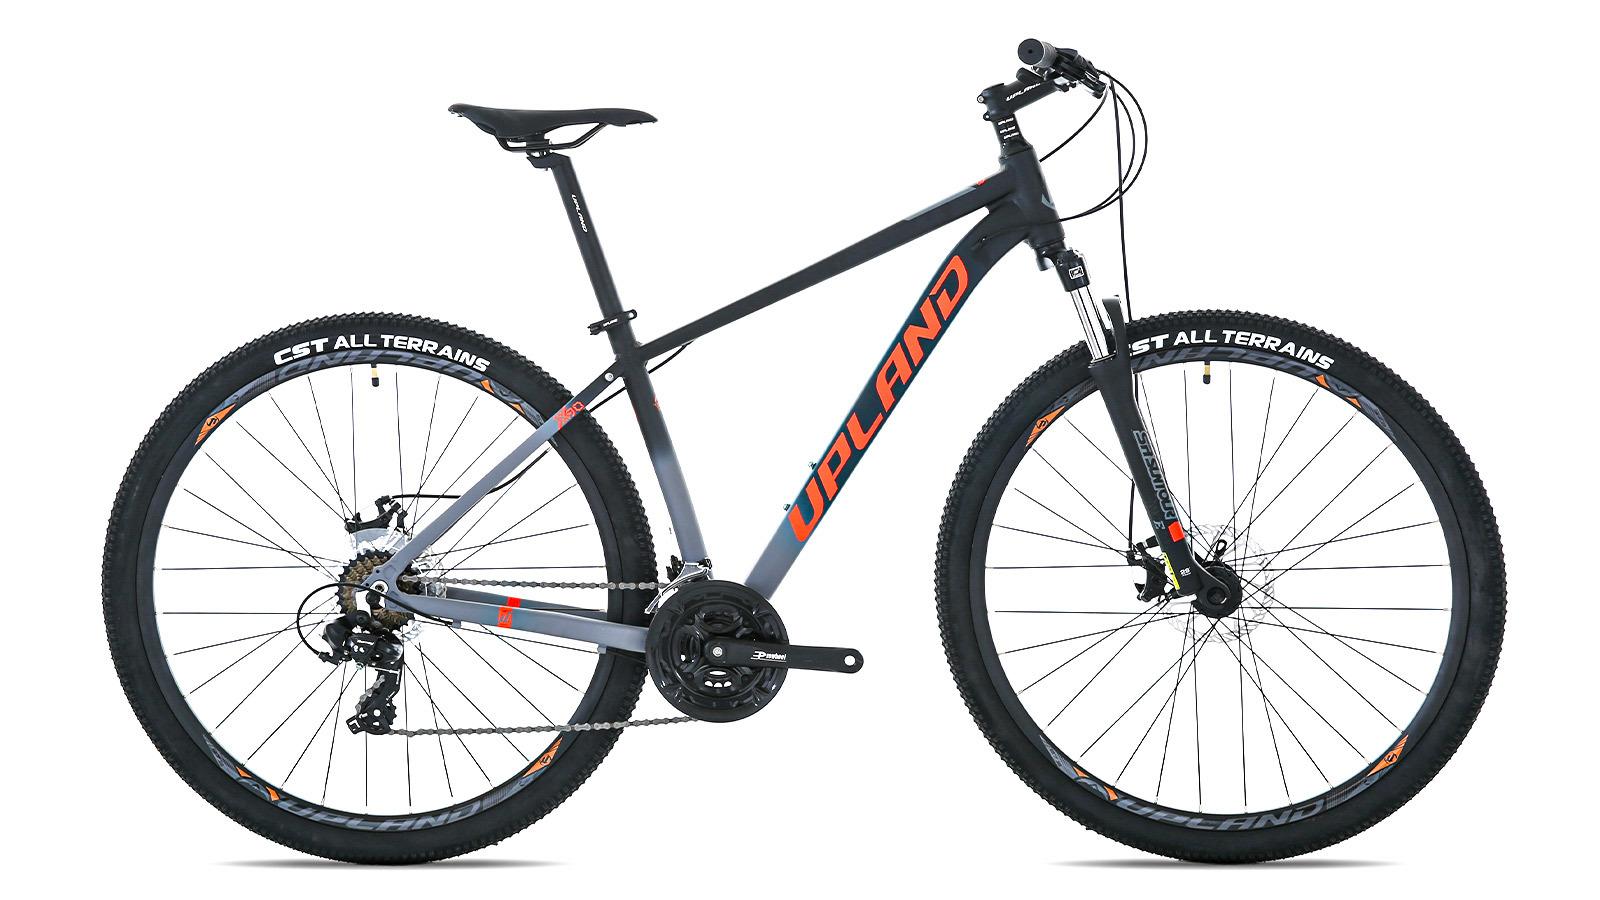 горный велосипед Upland X90 оранжево-черный